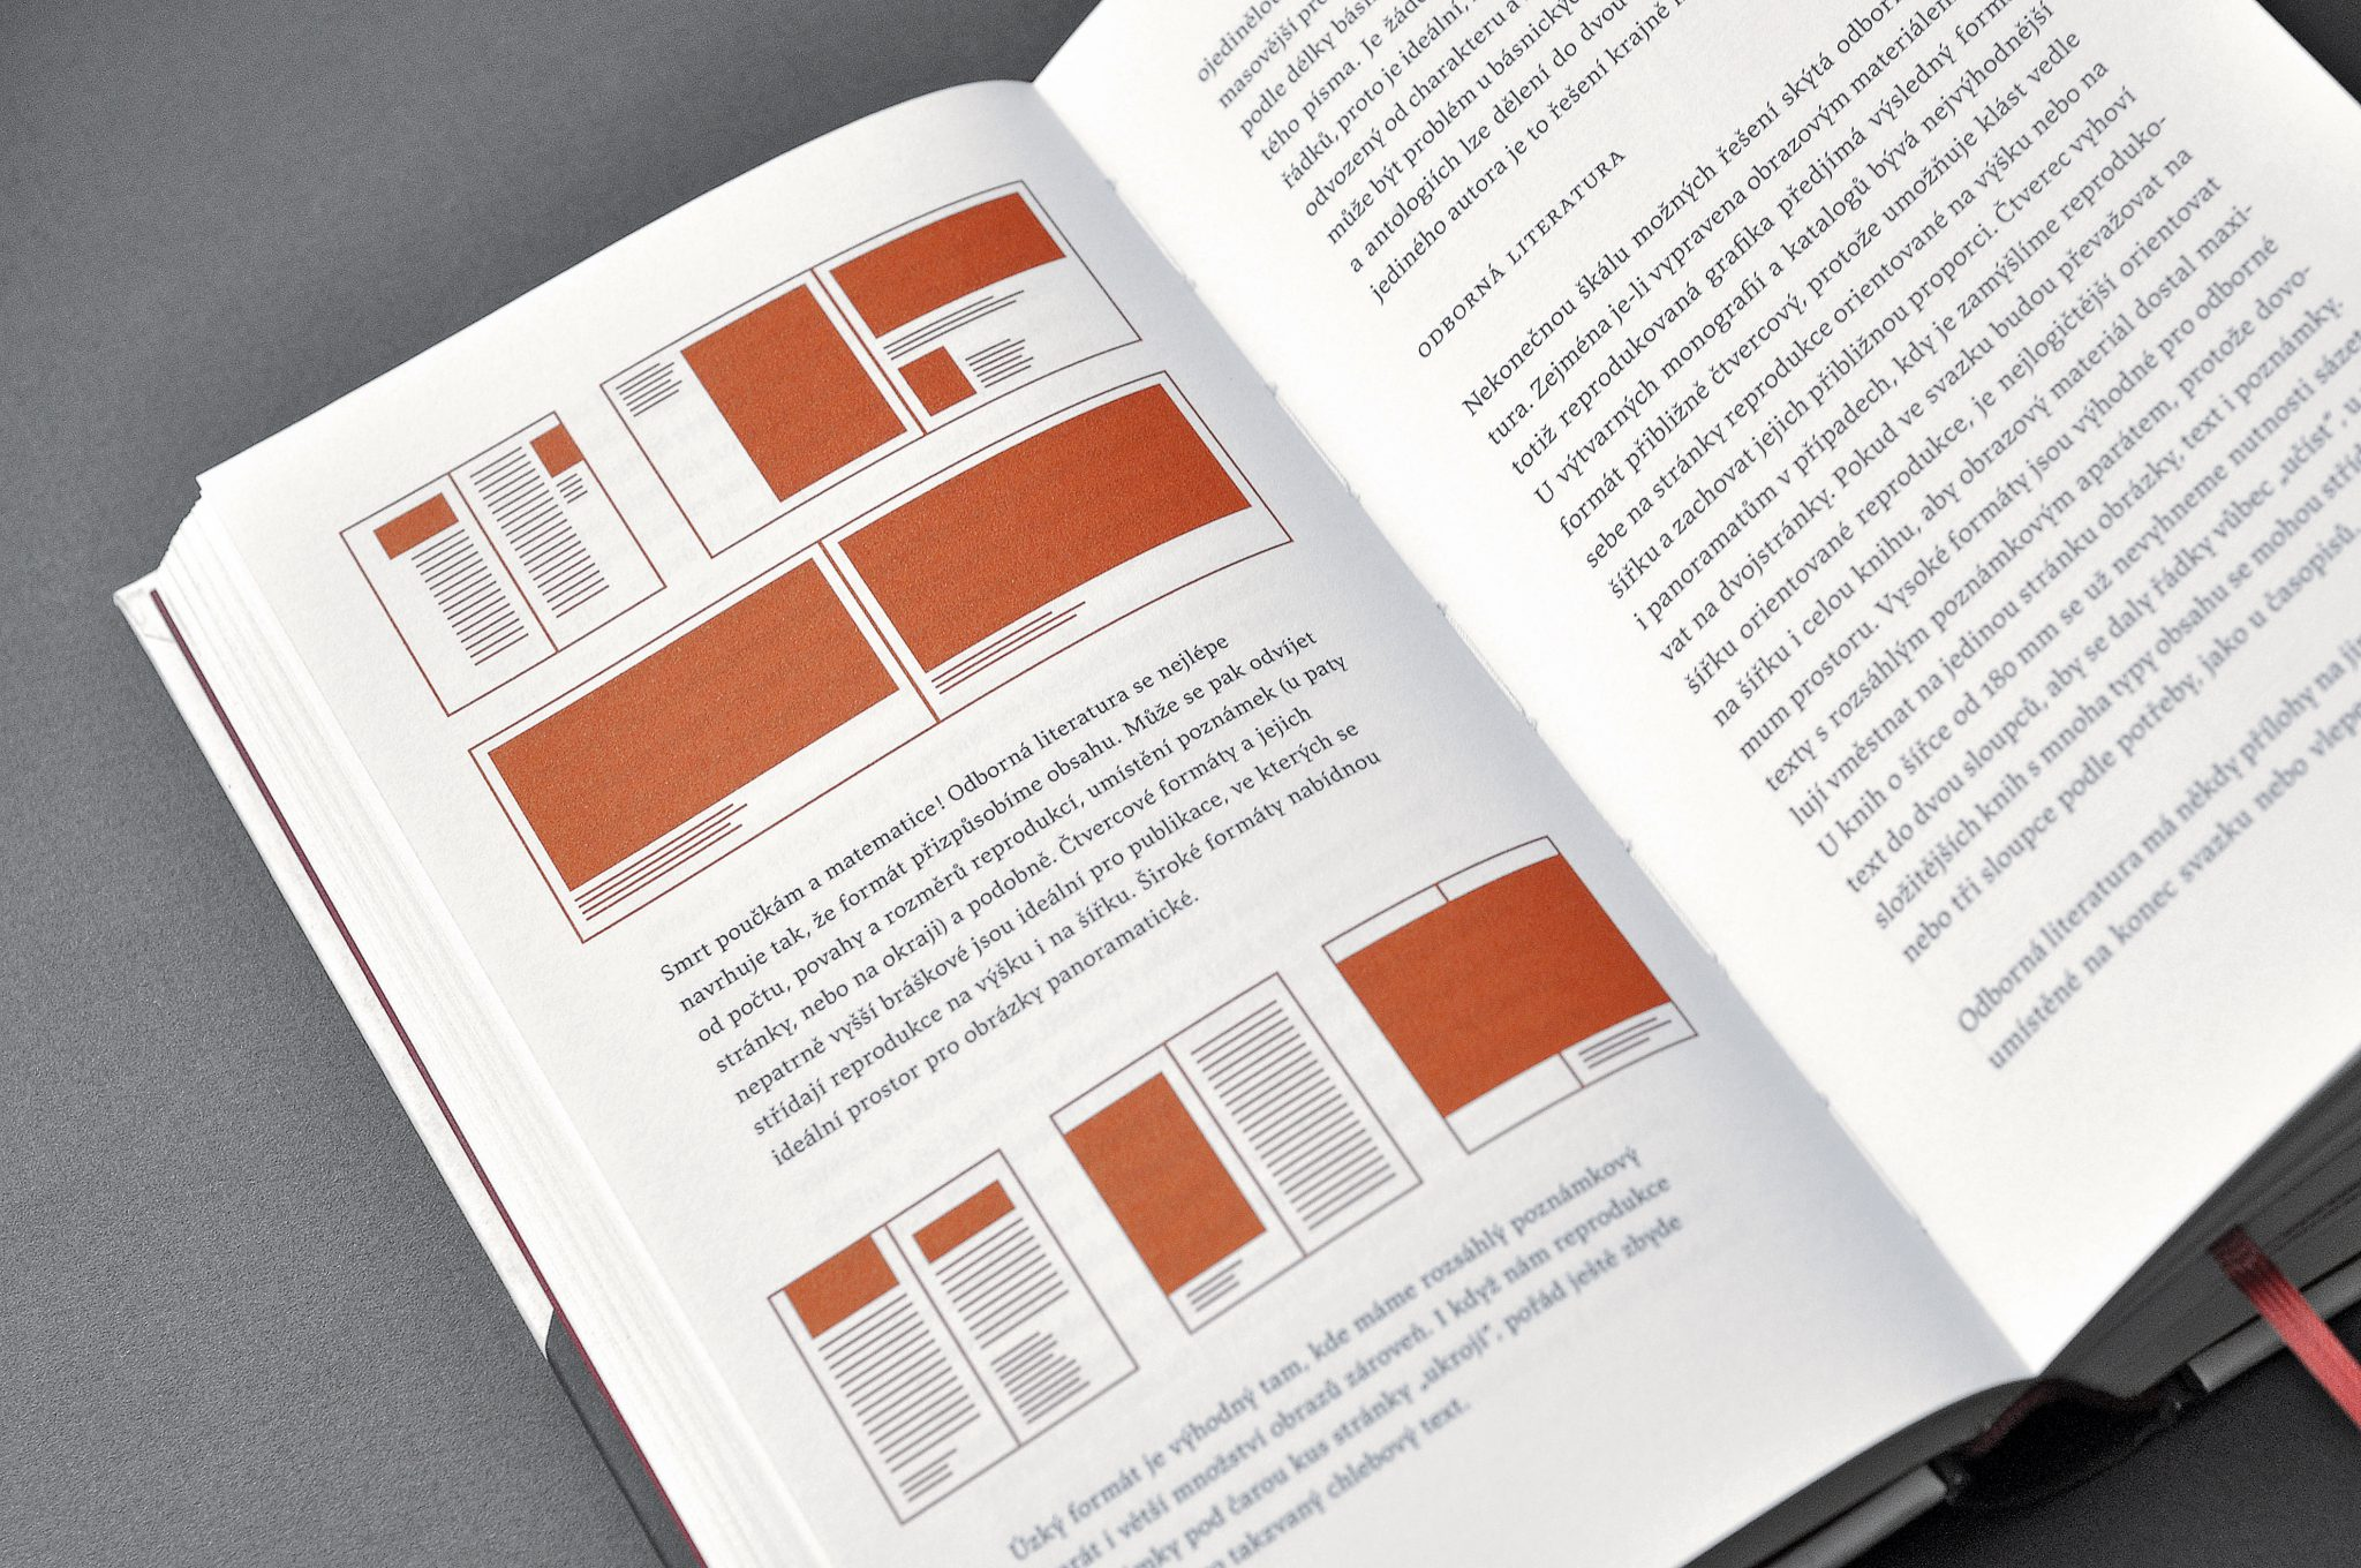 knihy-a-typografie_004